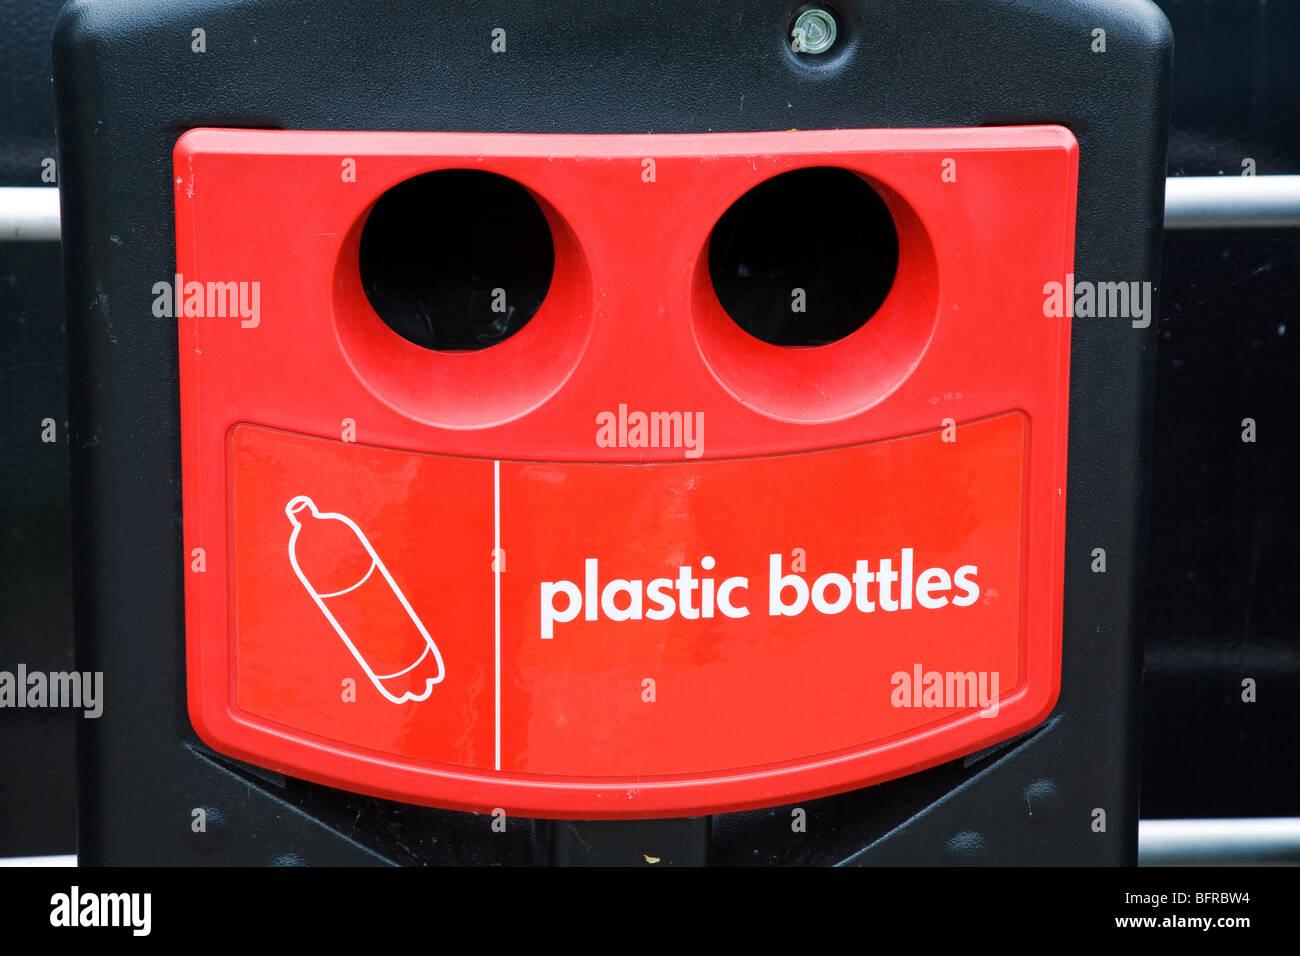 Plastic bottle recycling bin - Stock Image